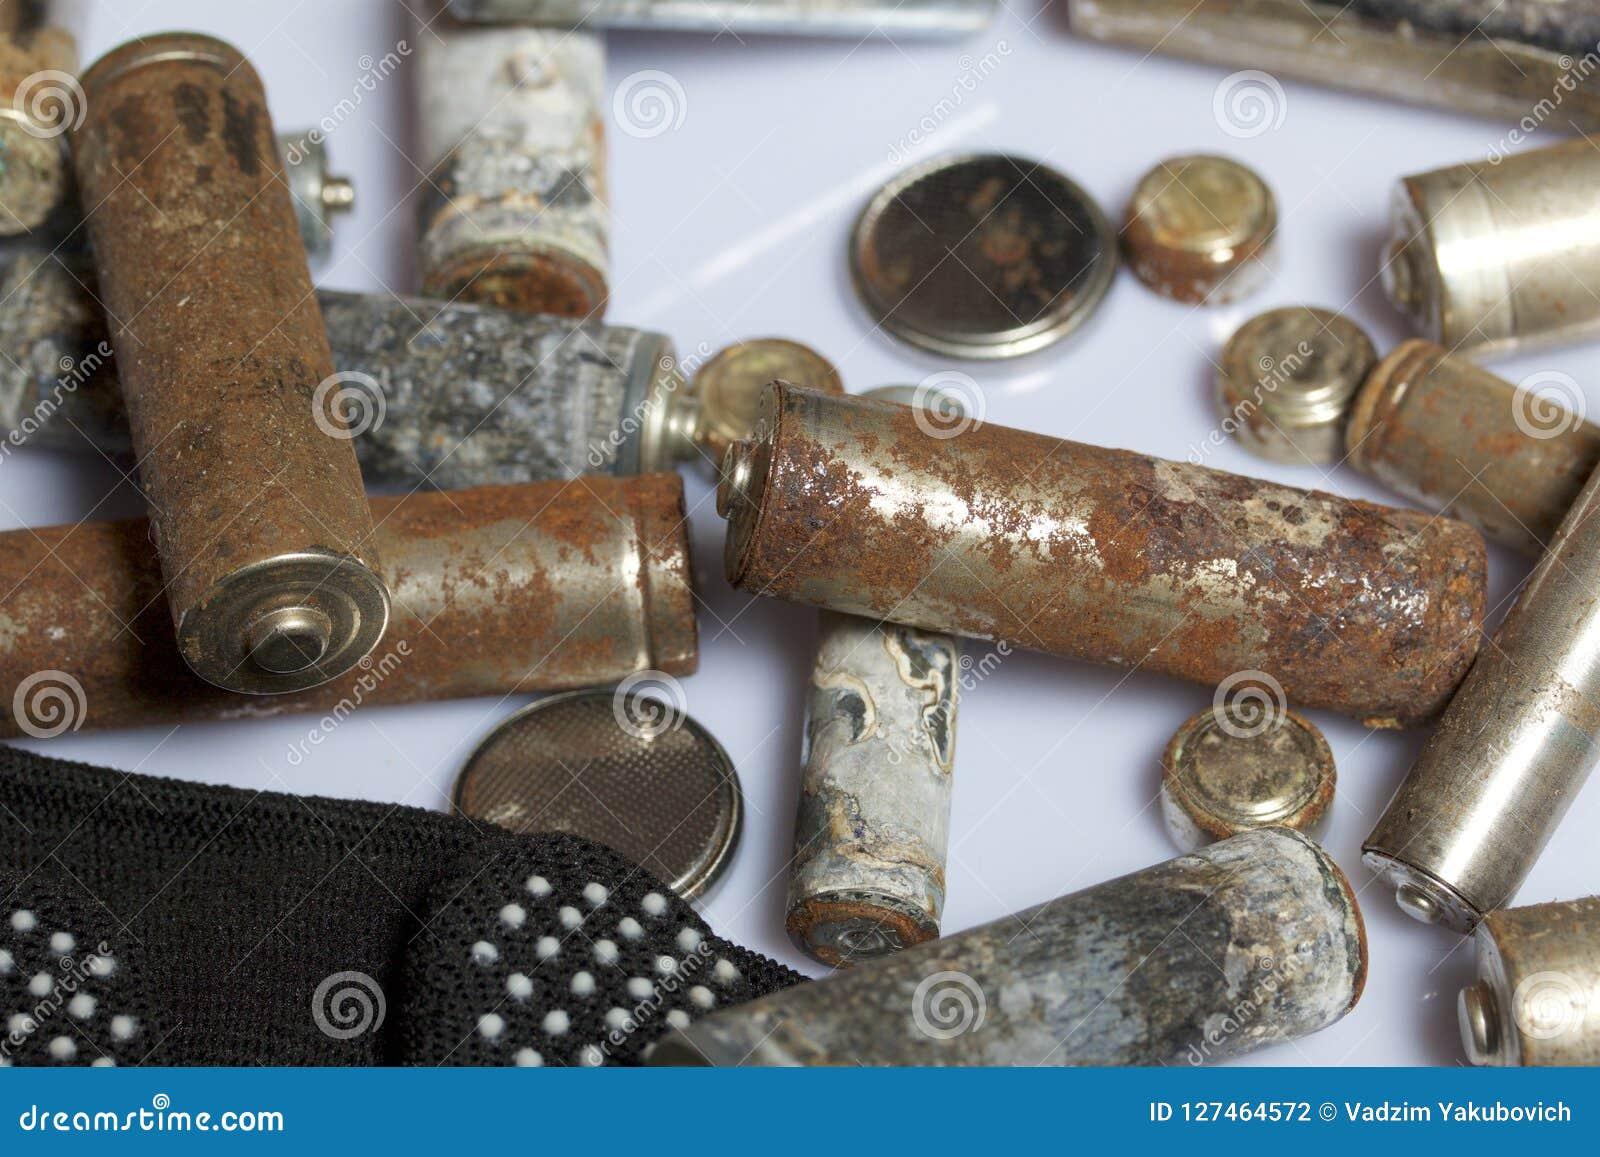 用腐蚀盖的使用的手指创伤电池 他们在一个木箱说谎 下副运作的手套 回收